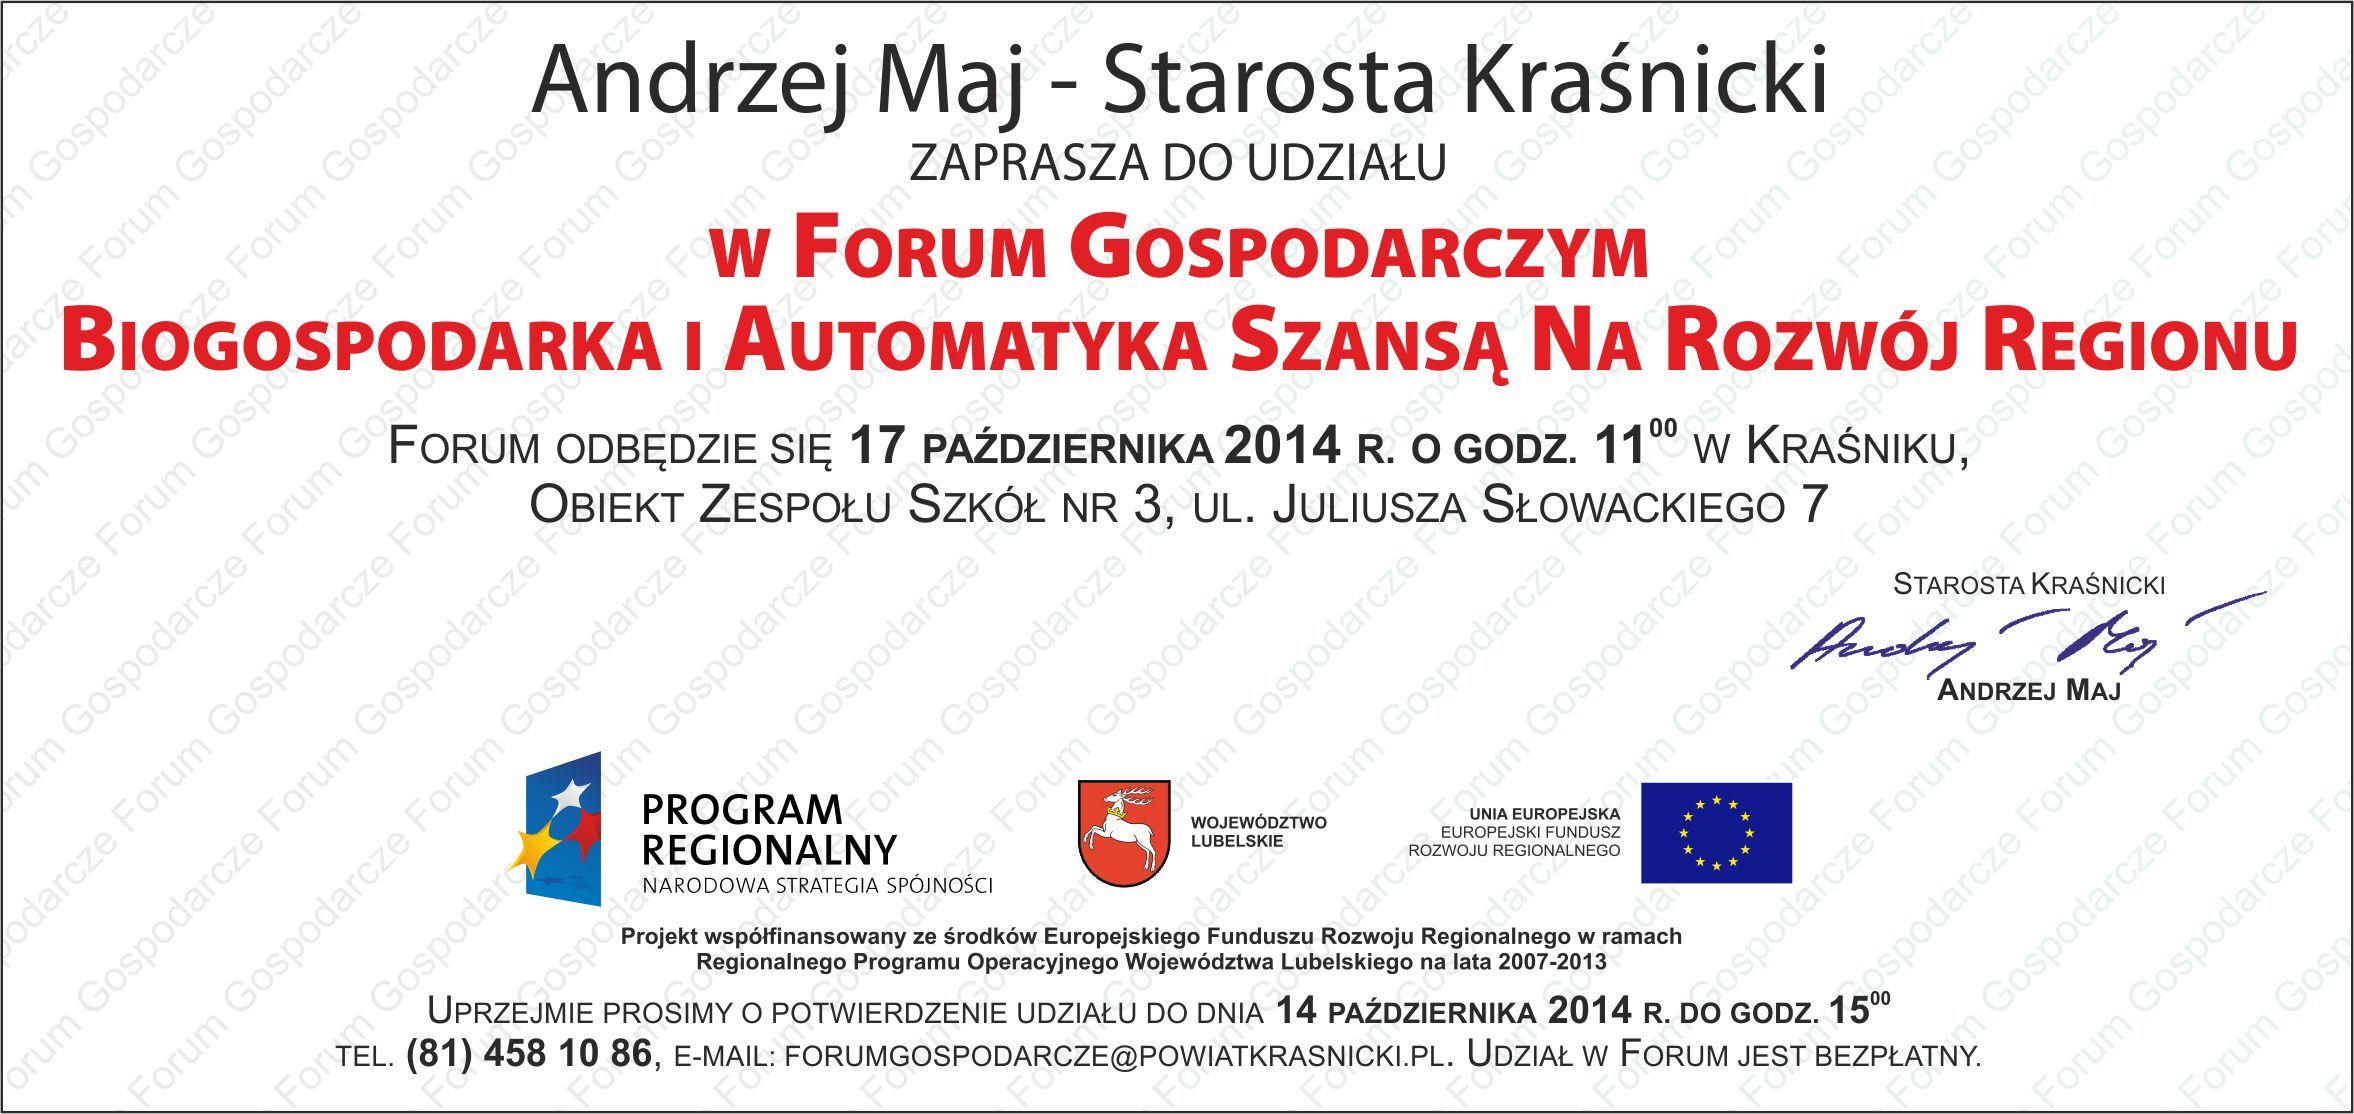 zaproszenie 2 forum gospodarcze